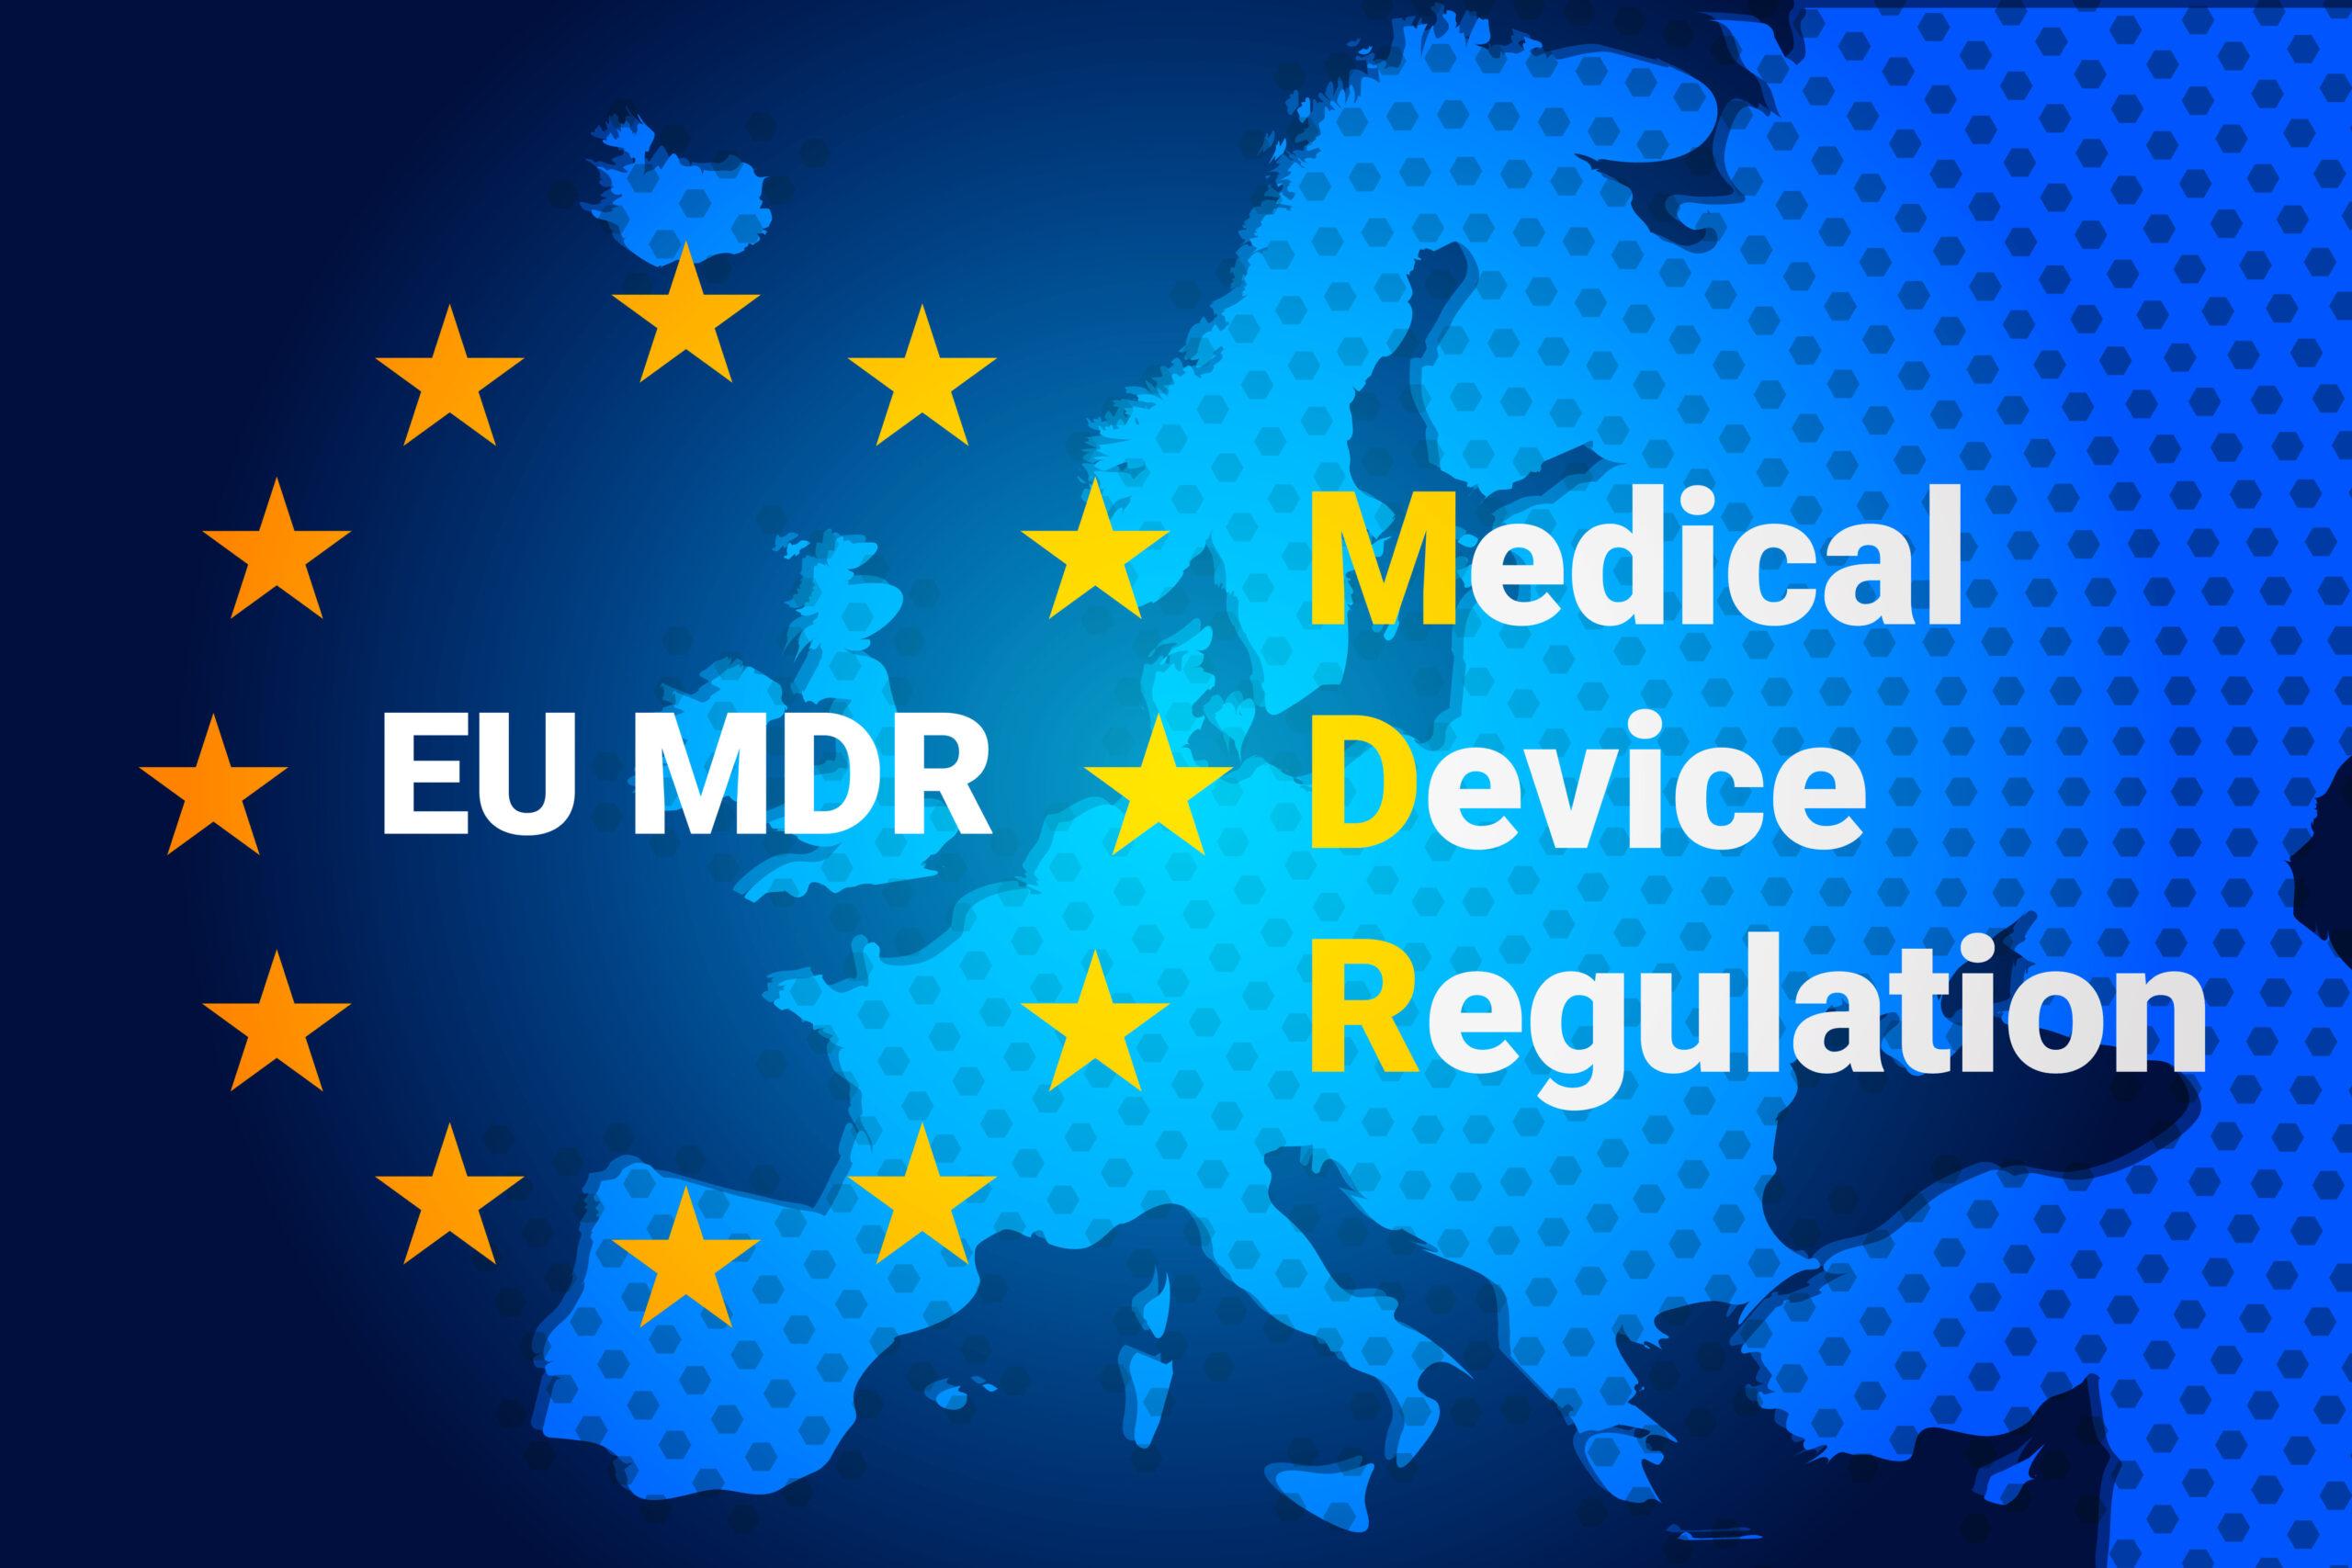 AdobeStock_381756364 Medical Device Regulation: am 26.05.2021 endet die Übergangsfrist!